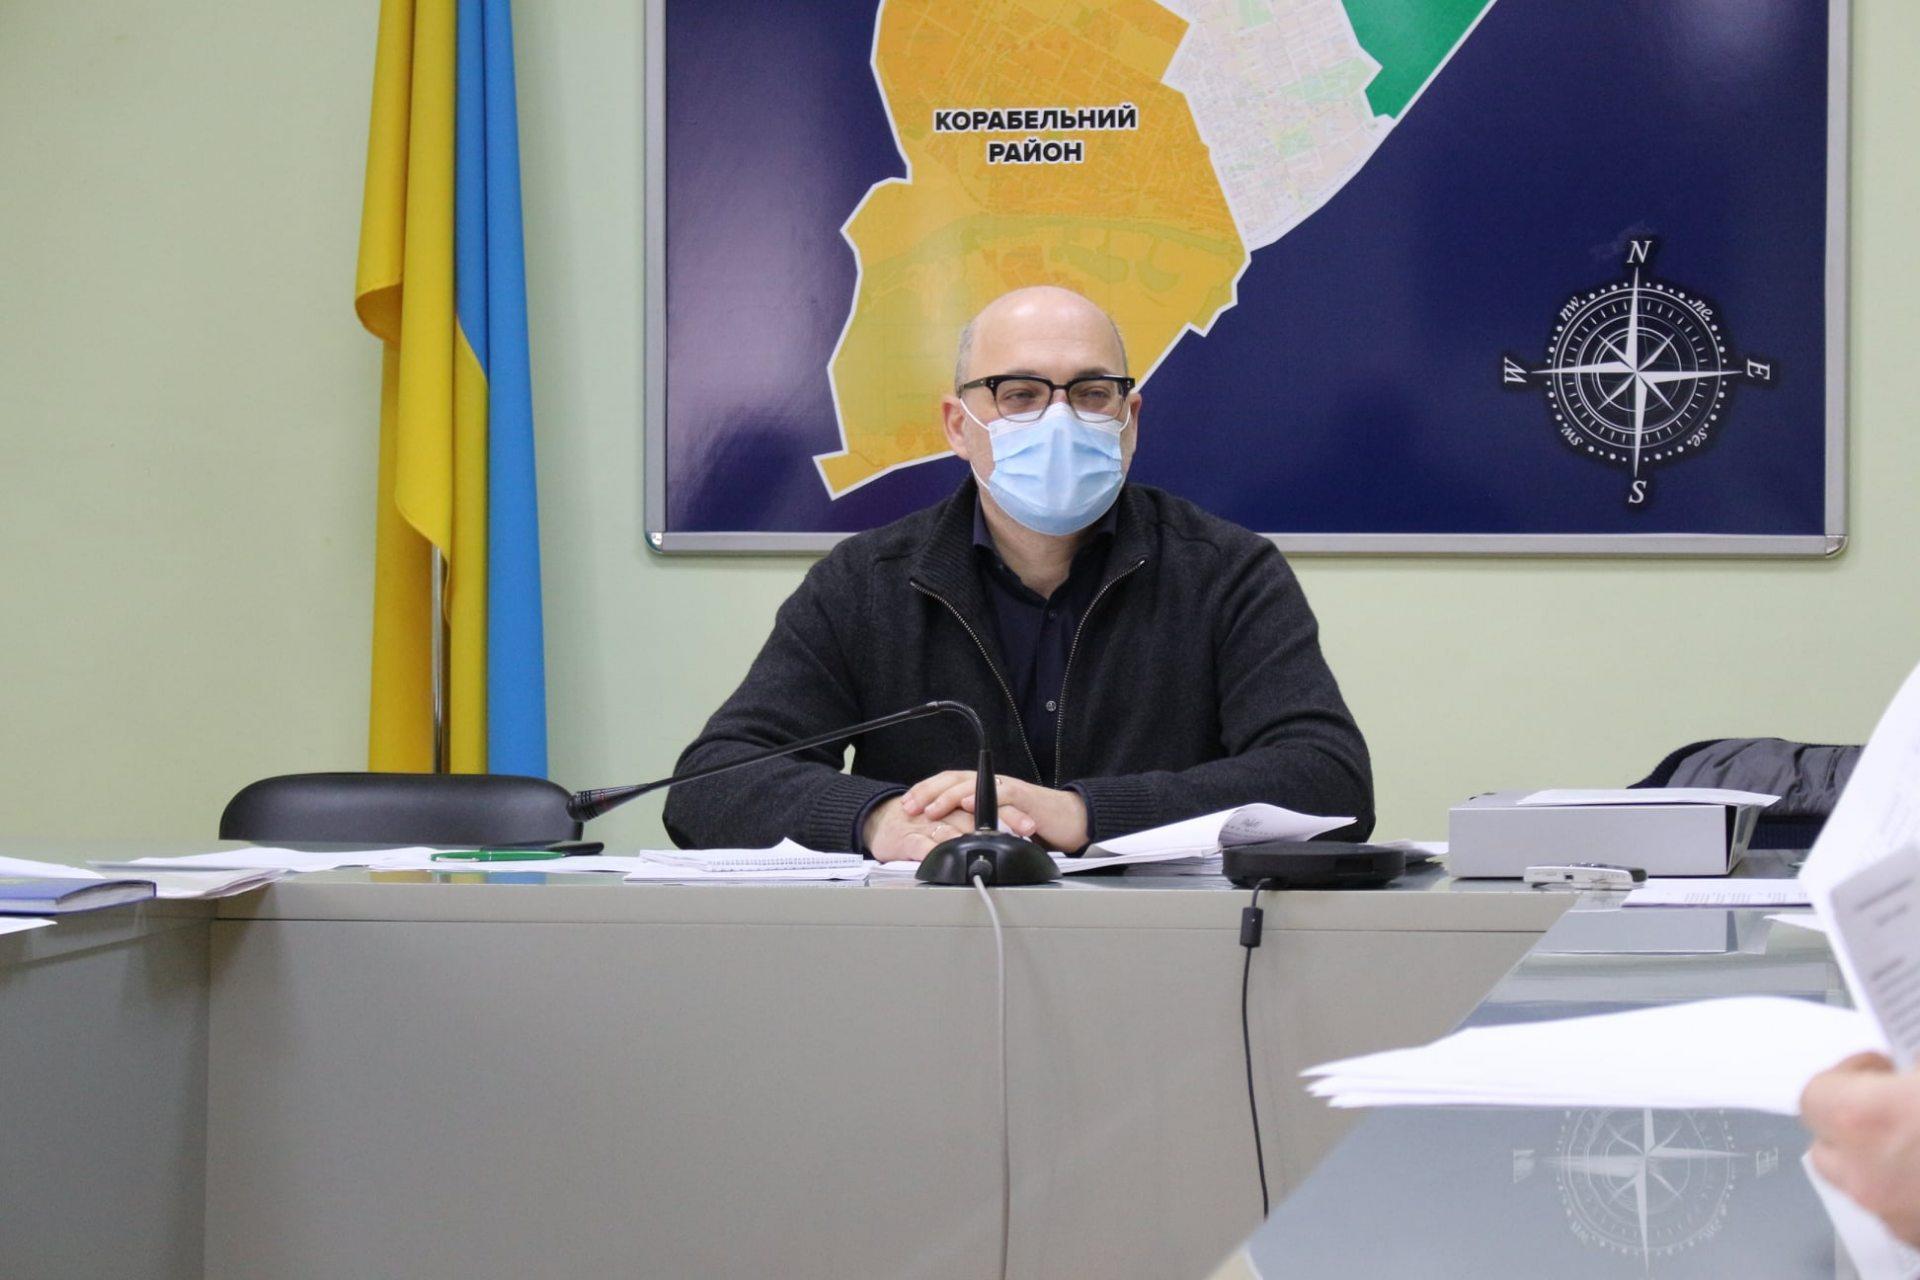 засідання, комісія, бюджет, Дмитрієв